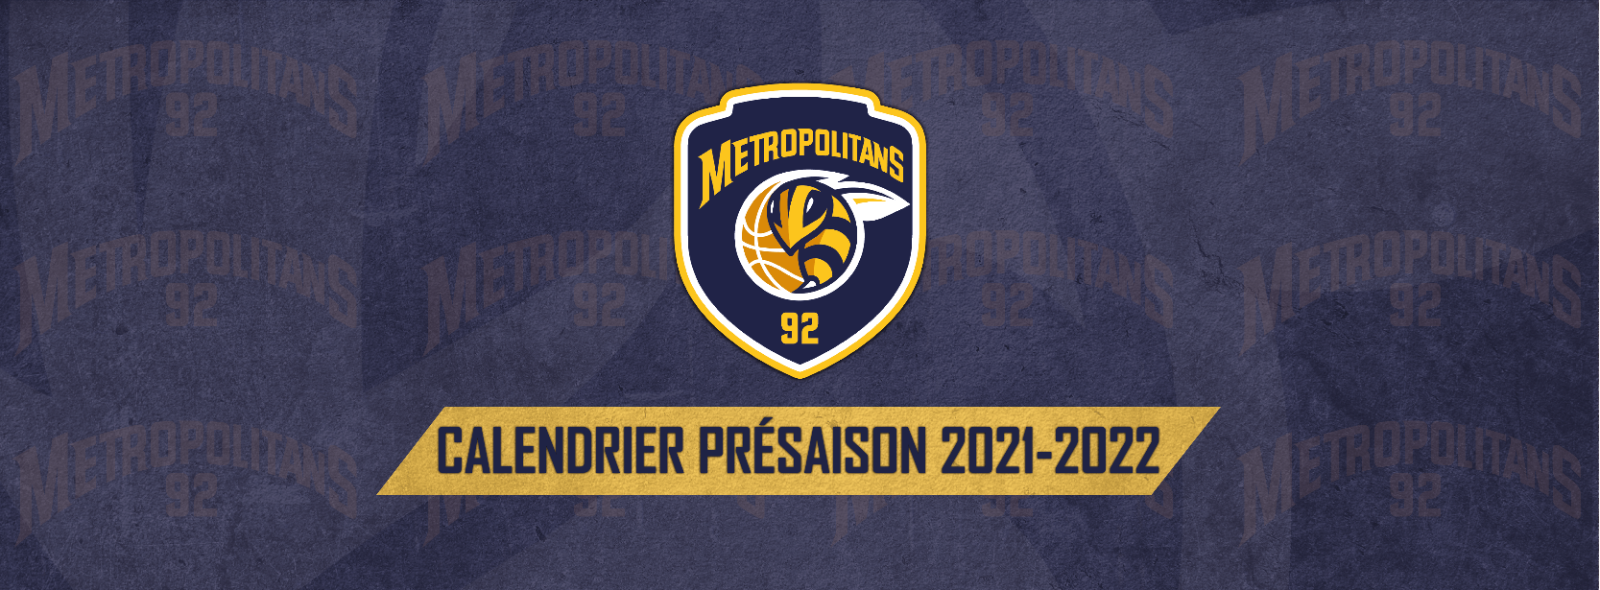 Calendrier pré-saison 2021-2022 !